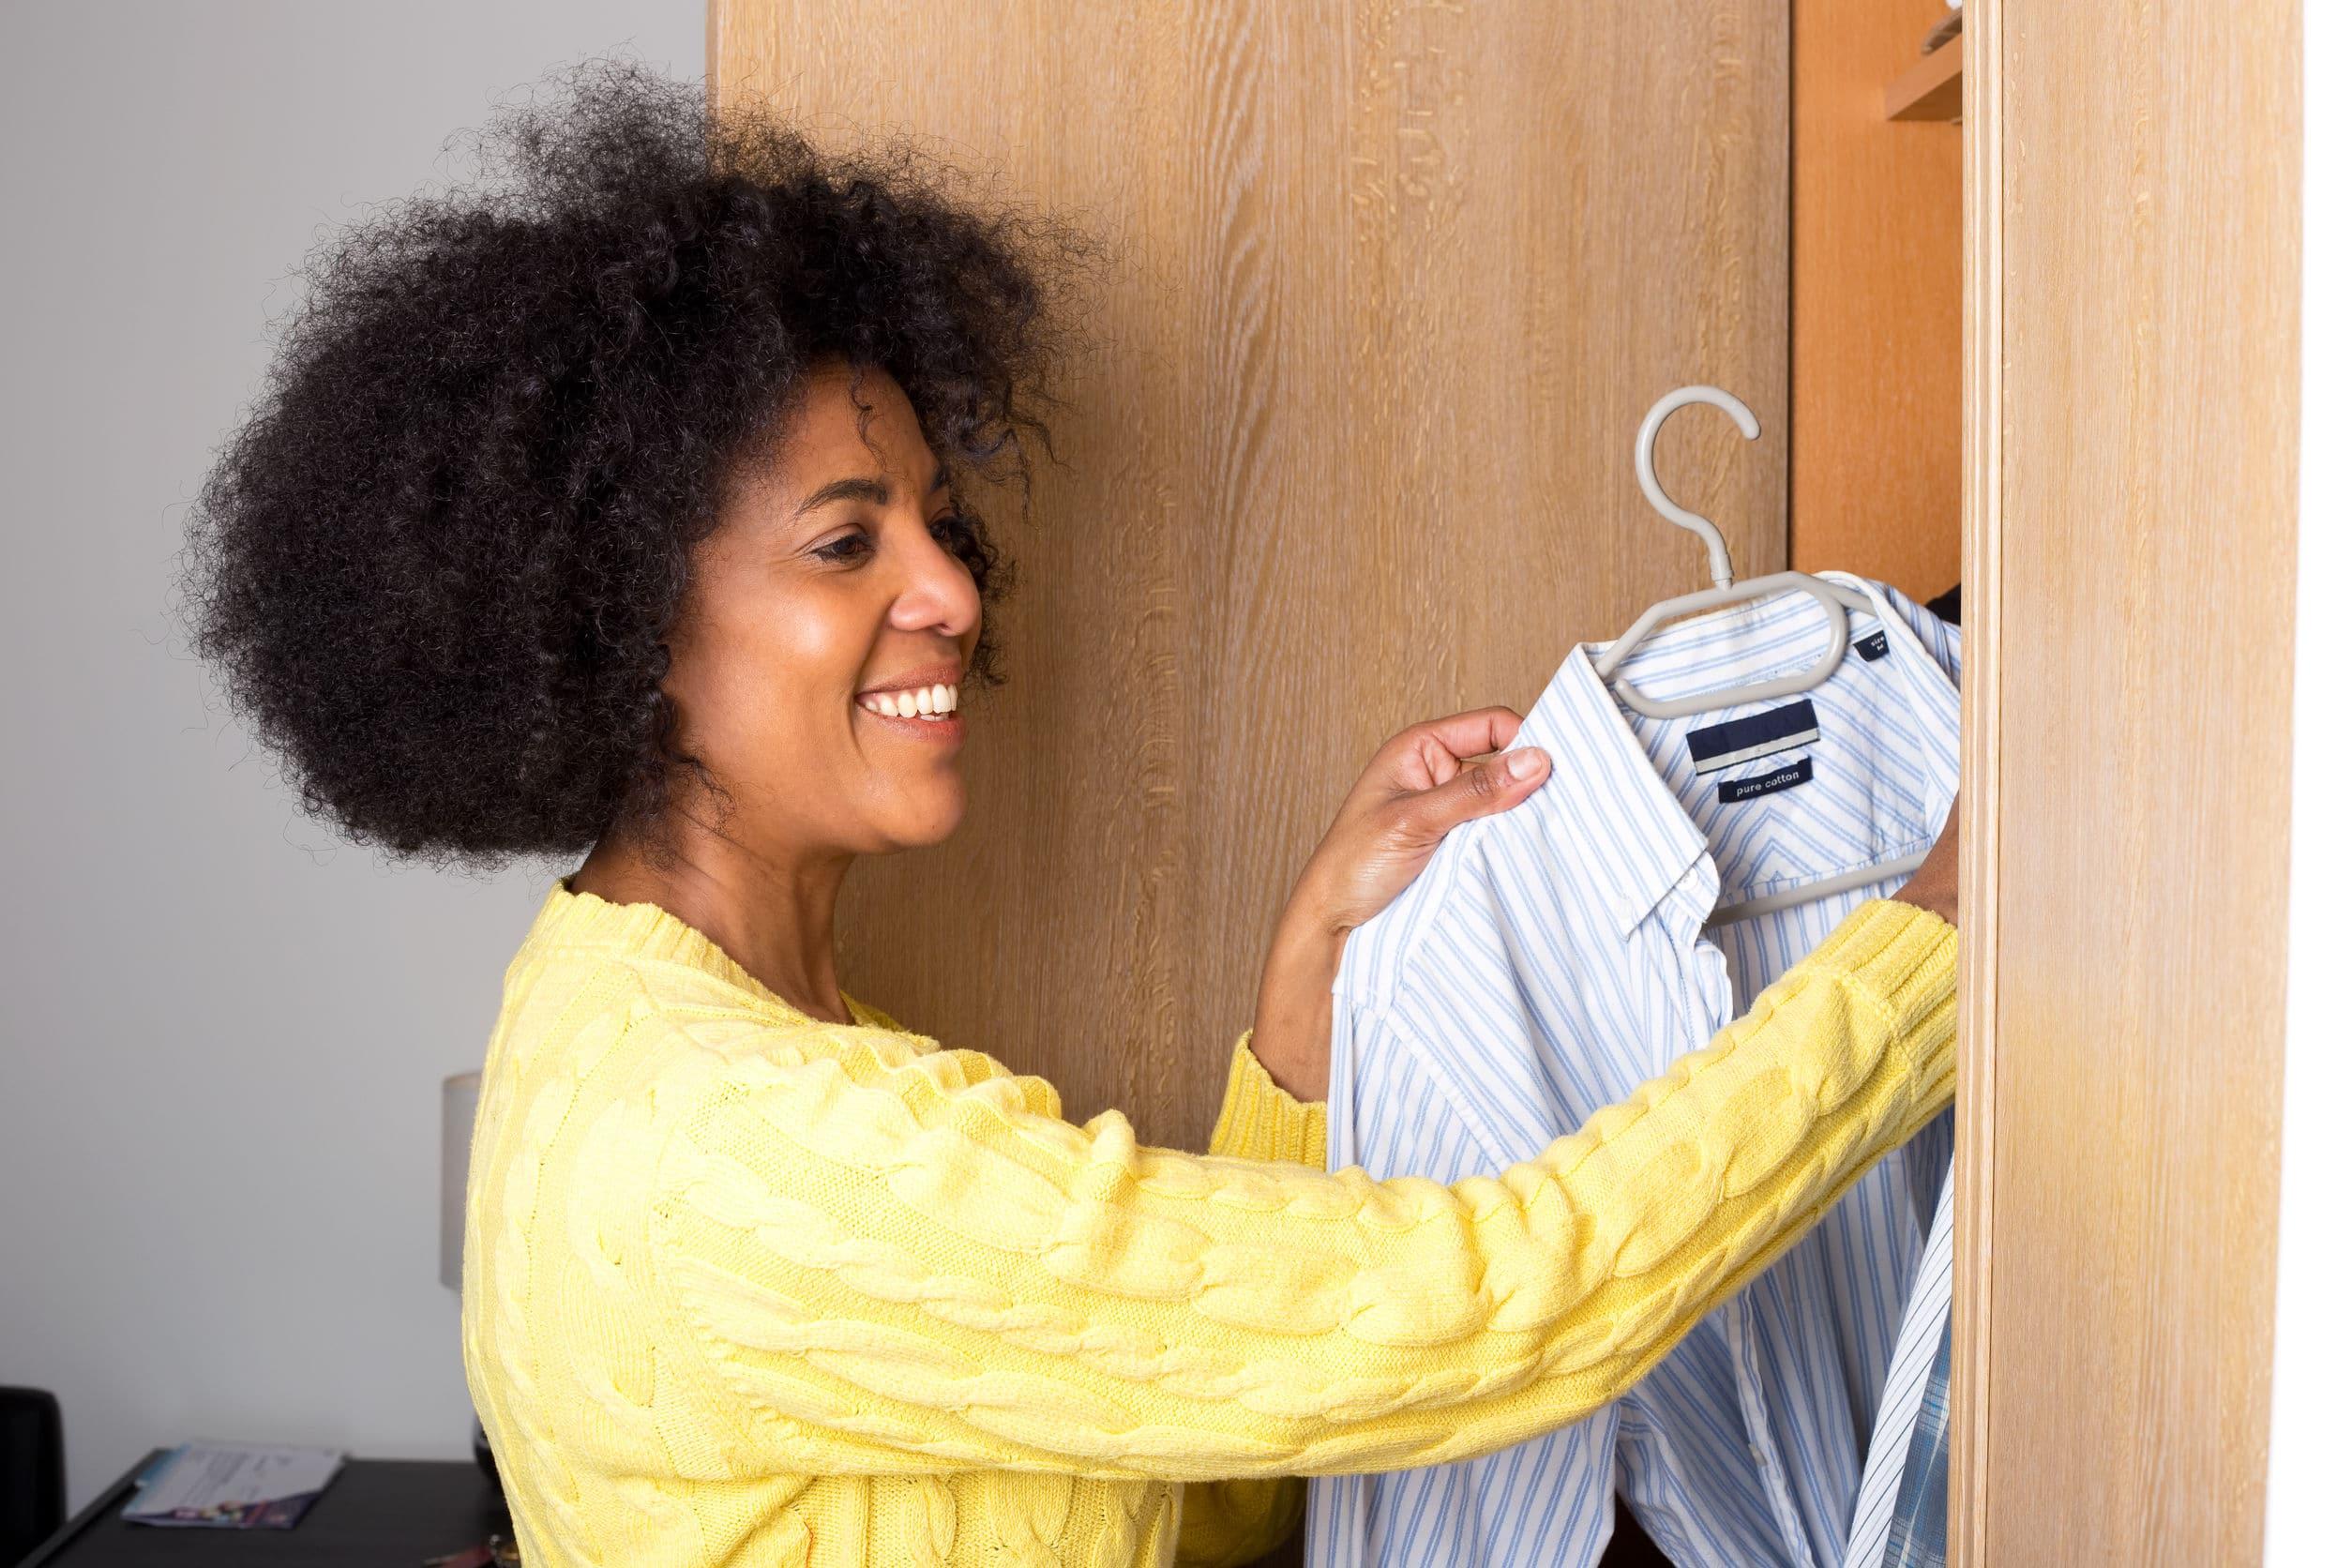 jovem mulher negra tirando uma camisa de um guarda-roupa.